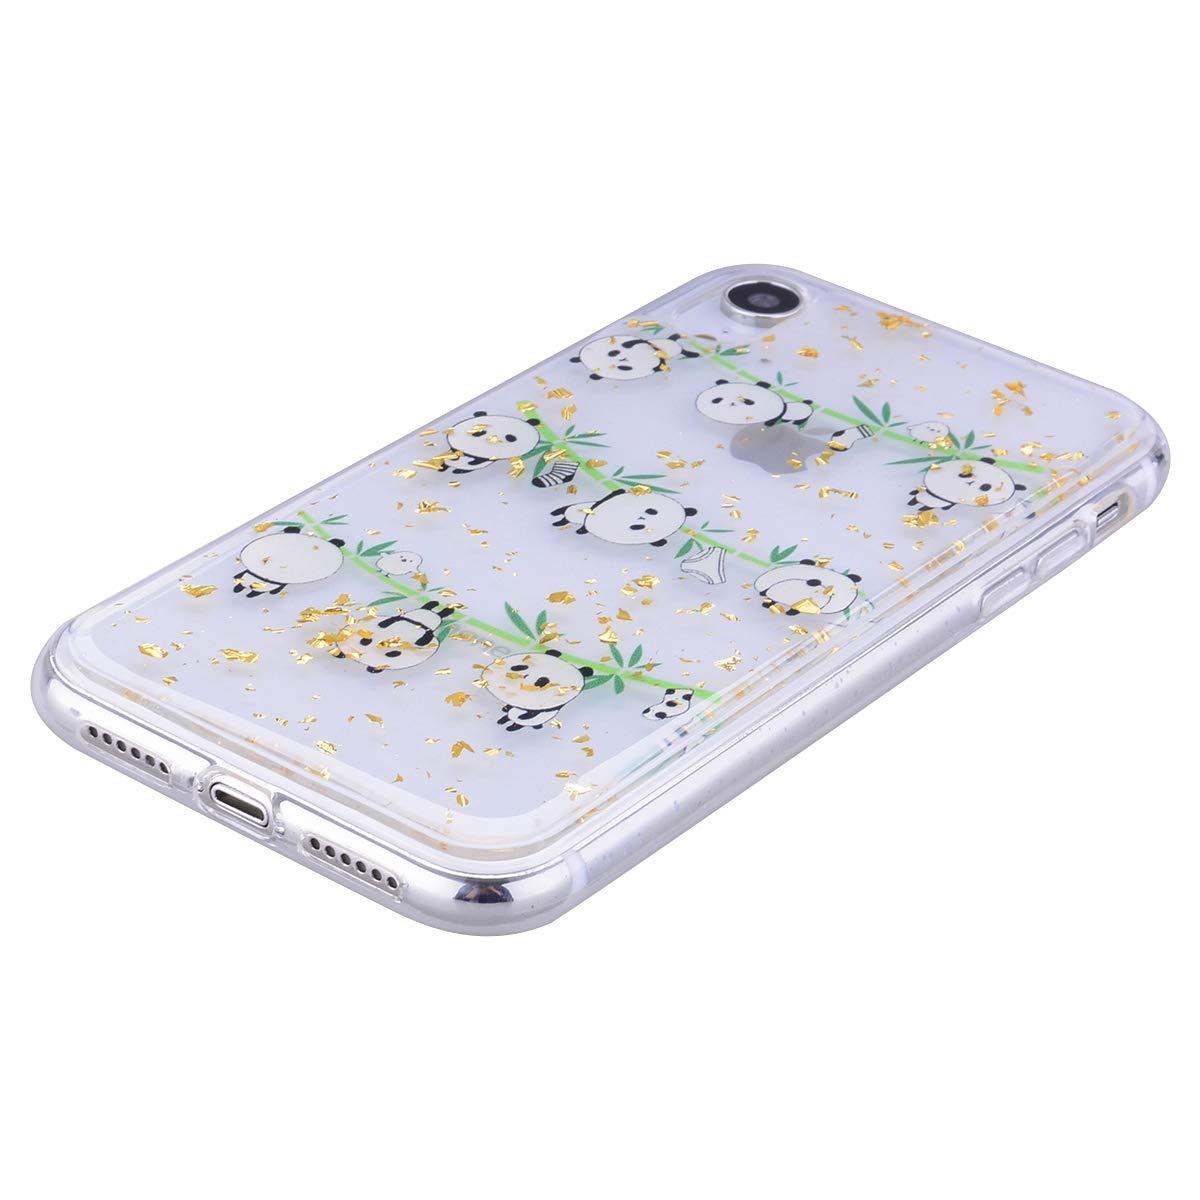 6,5 Coque pour iPhone XS Max Misstars Glitter Paillettes Bling Transparent Motif Sunflower Silicone TPU Bumper Ultra Mince et L/éger Housse de Protection pour Apple iPhone XS Max